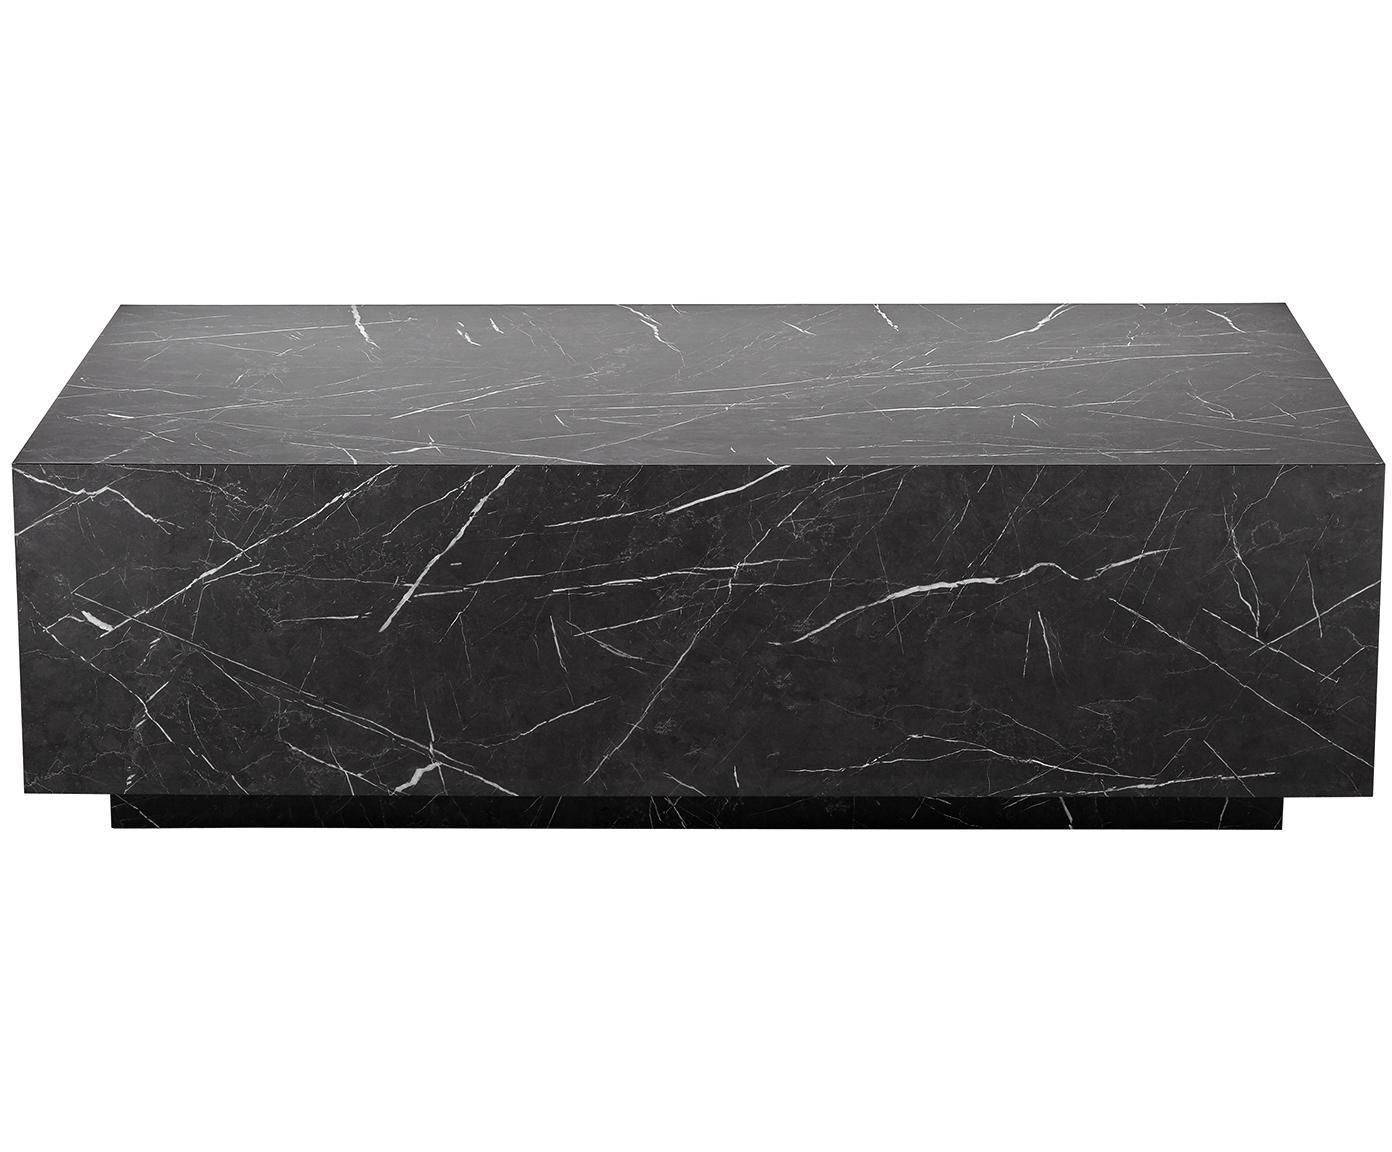 Zwevende salontafel Lesley met marmerlook, MDF bekleed met melaminefolie, Zwart, gemarmerd, glanzend, B 120 x D 75 cm